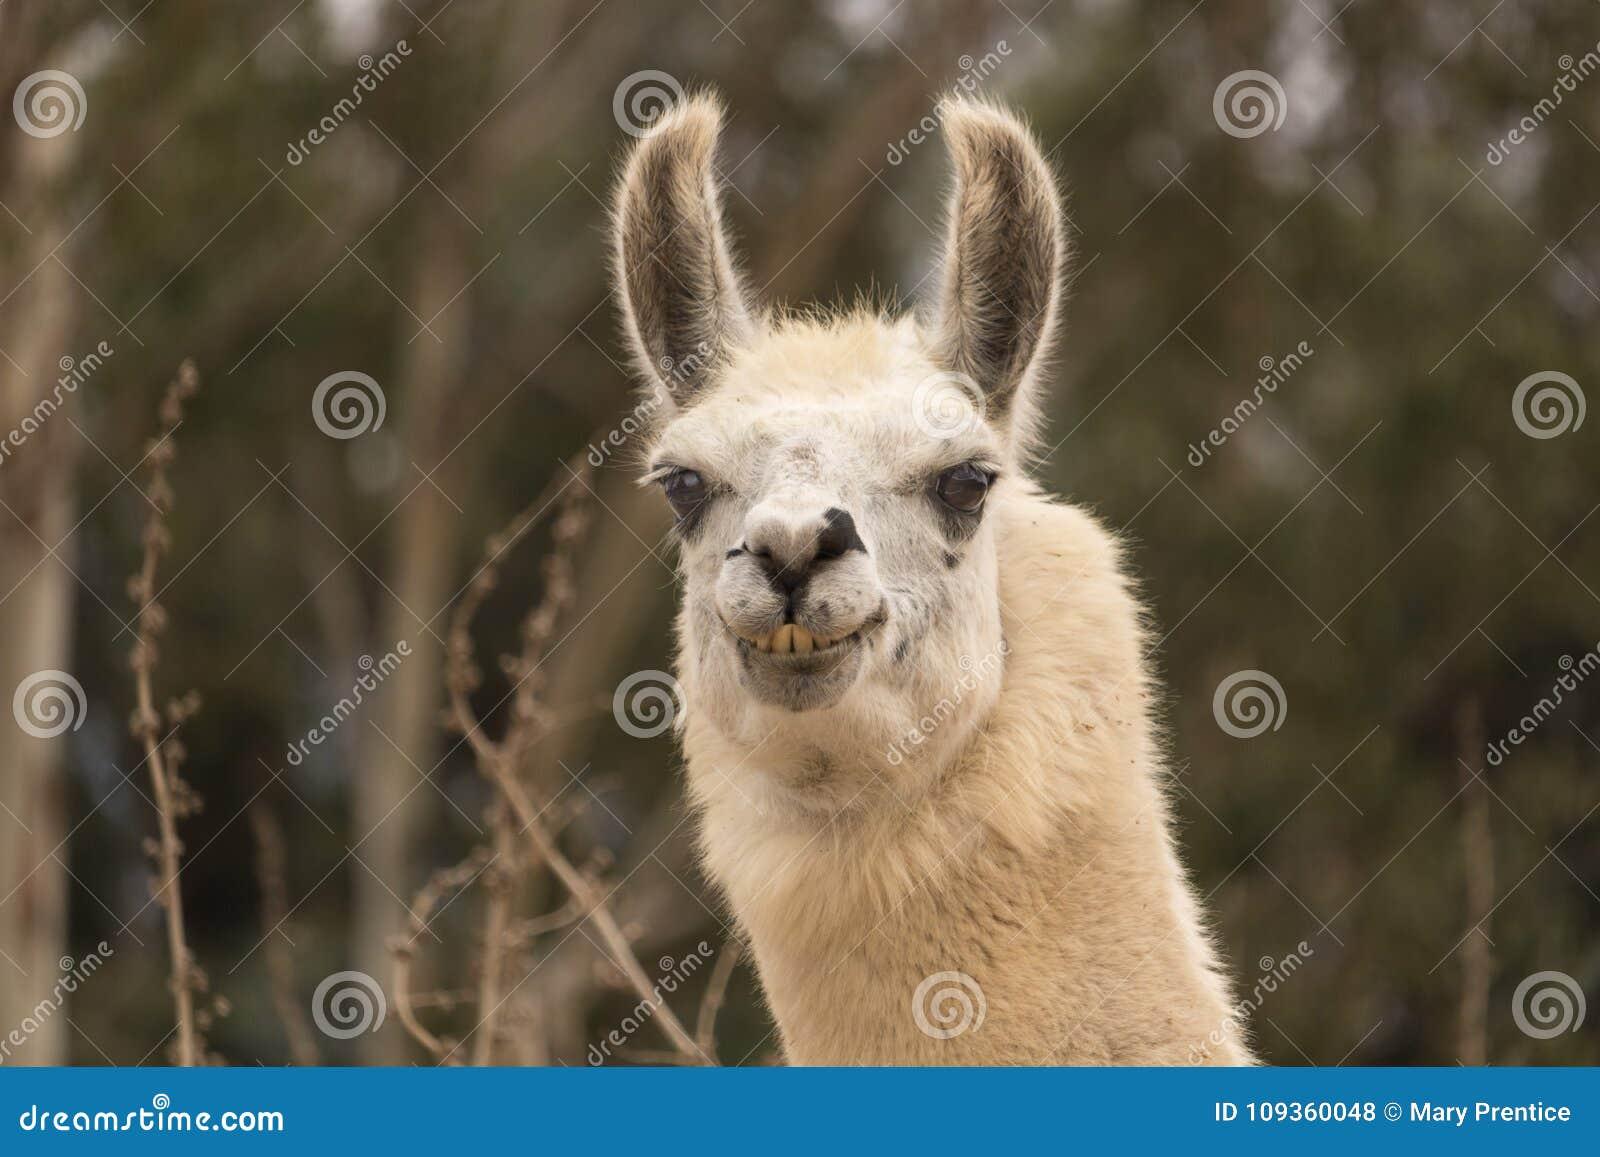 La Llama Chistosa Que Muestra Los Dientes Alpaca Agresiva Sonrisa